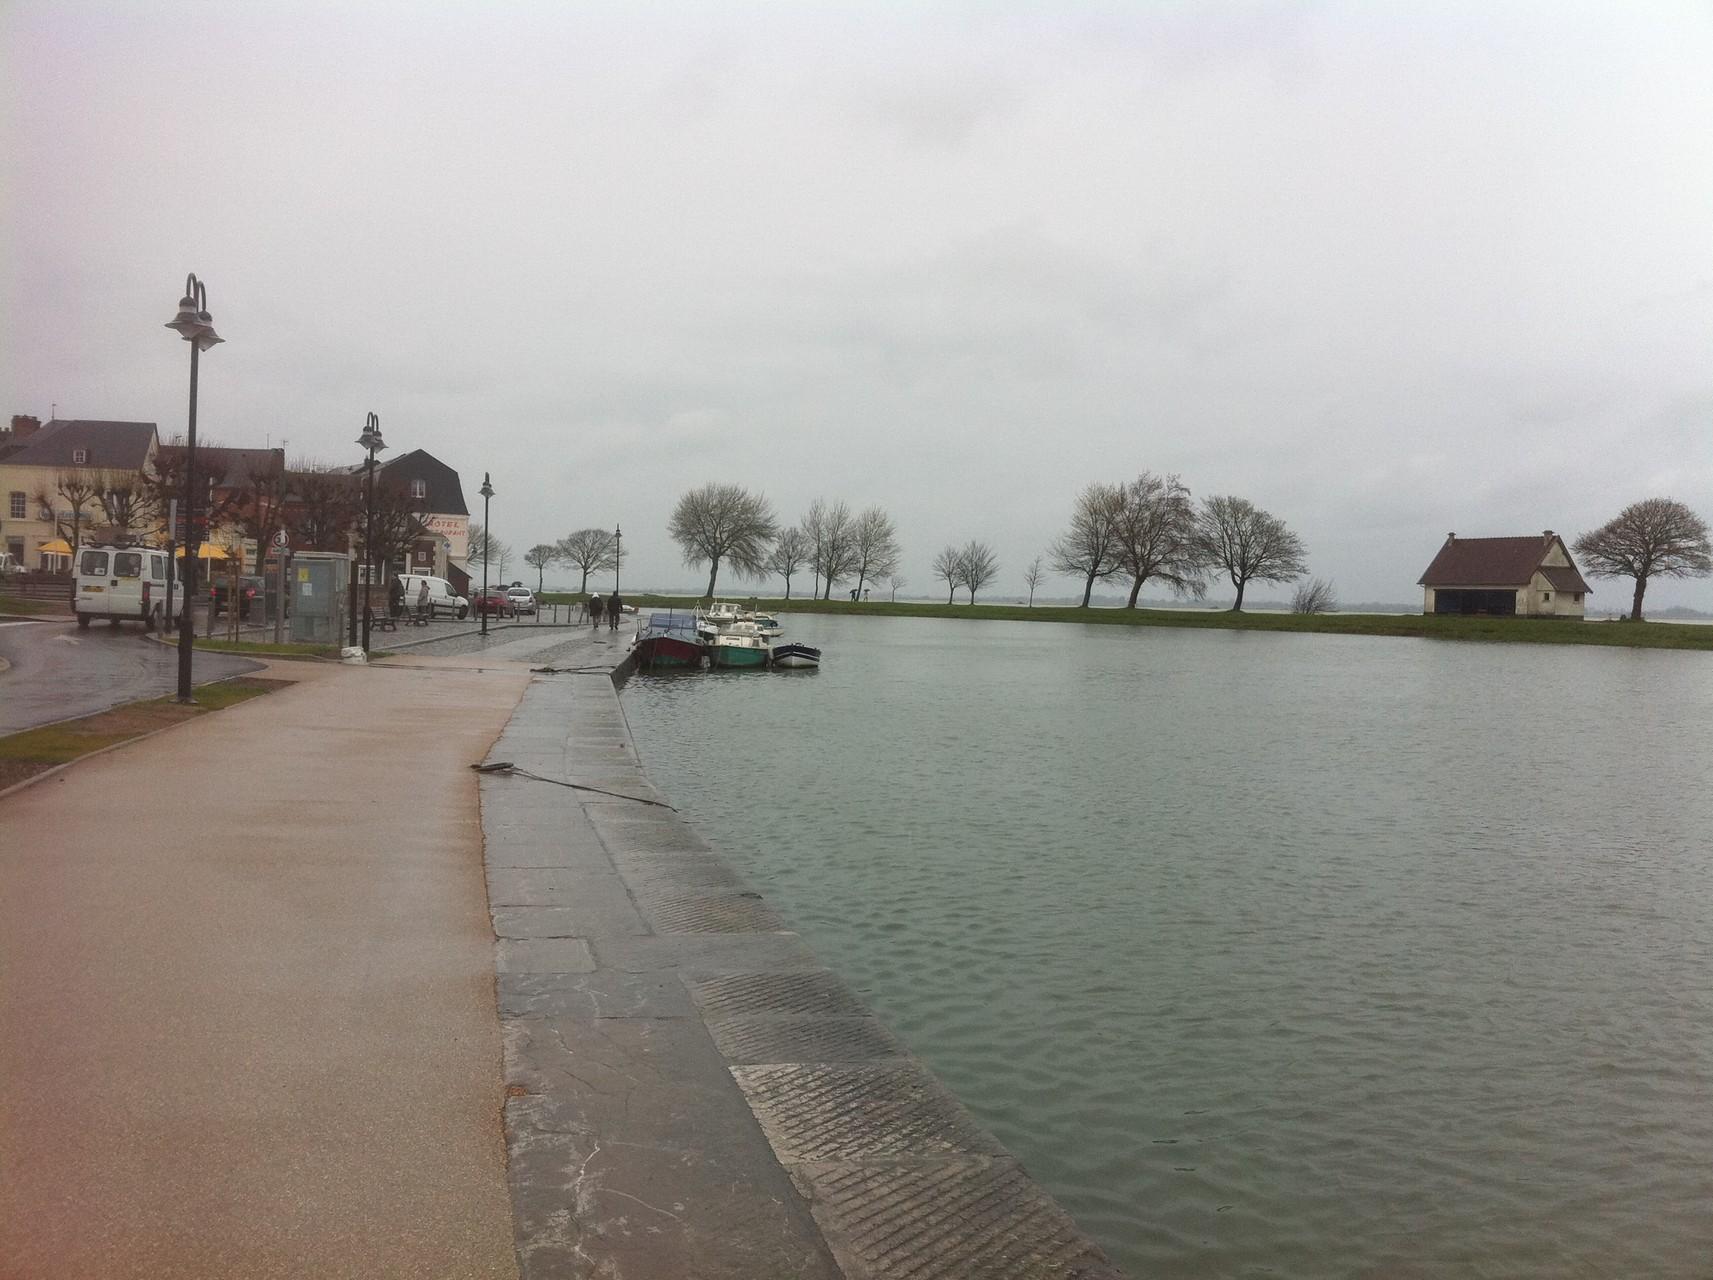 Grande marée dans le port - Baie de Somme